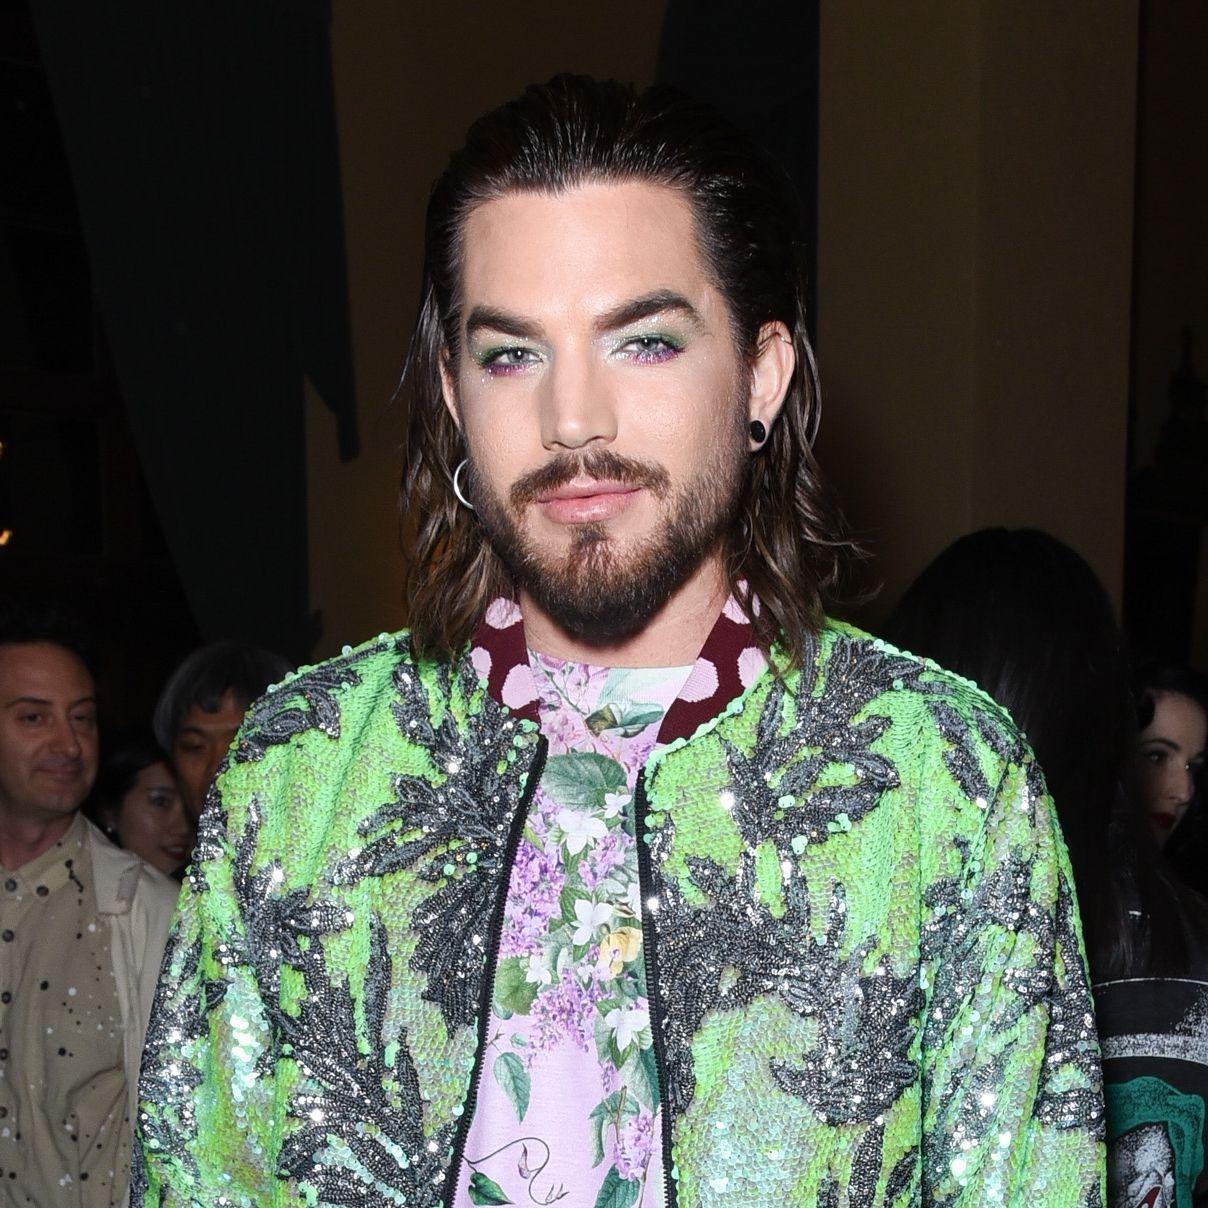 Adam Lambert responds to claims Freddie Mercury biopic Bohemian Rhapsody 'whitewashed' singer's sexuality